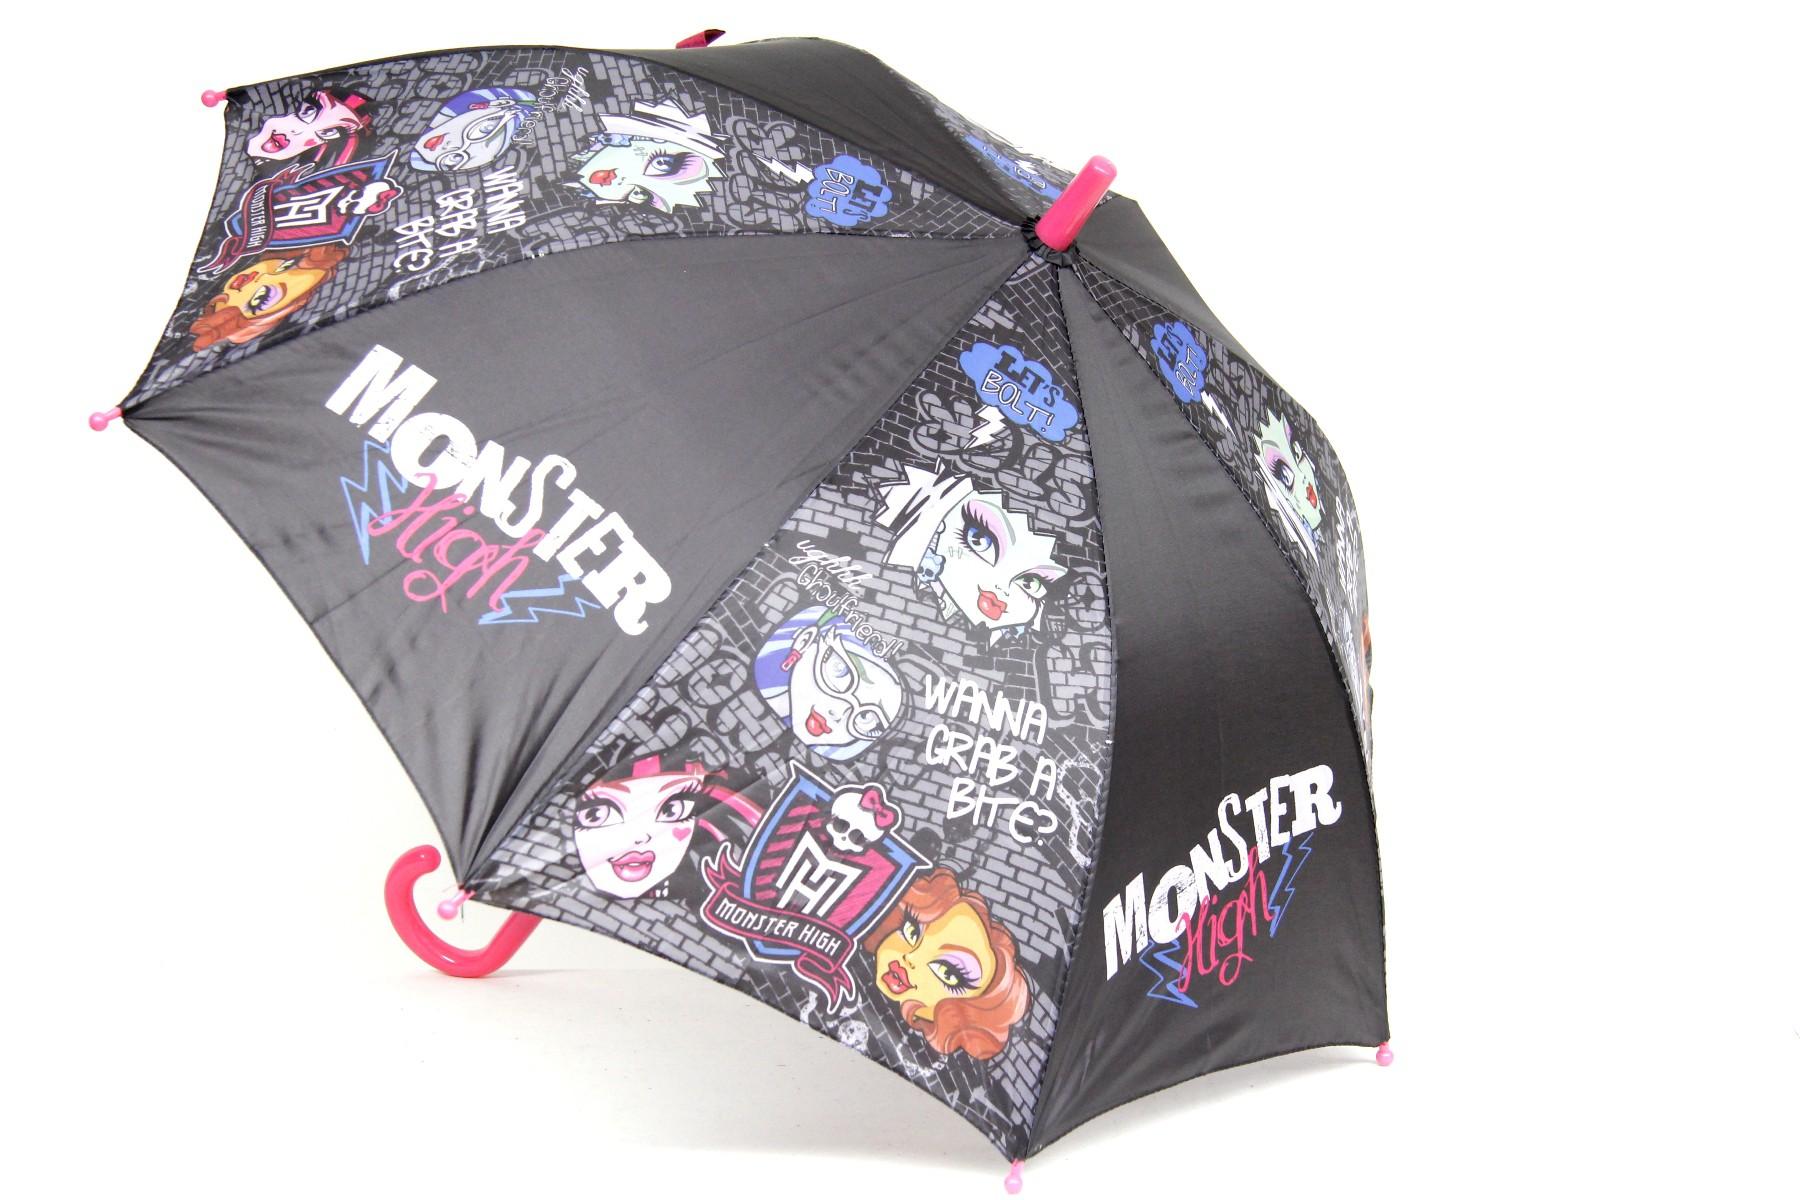 Regenschirme Regenschirm Monster High Ø 75cm Kinderschirm Regenschutz Schirm Kinder Reisen